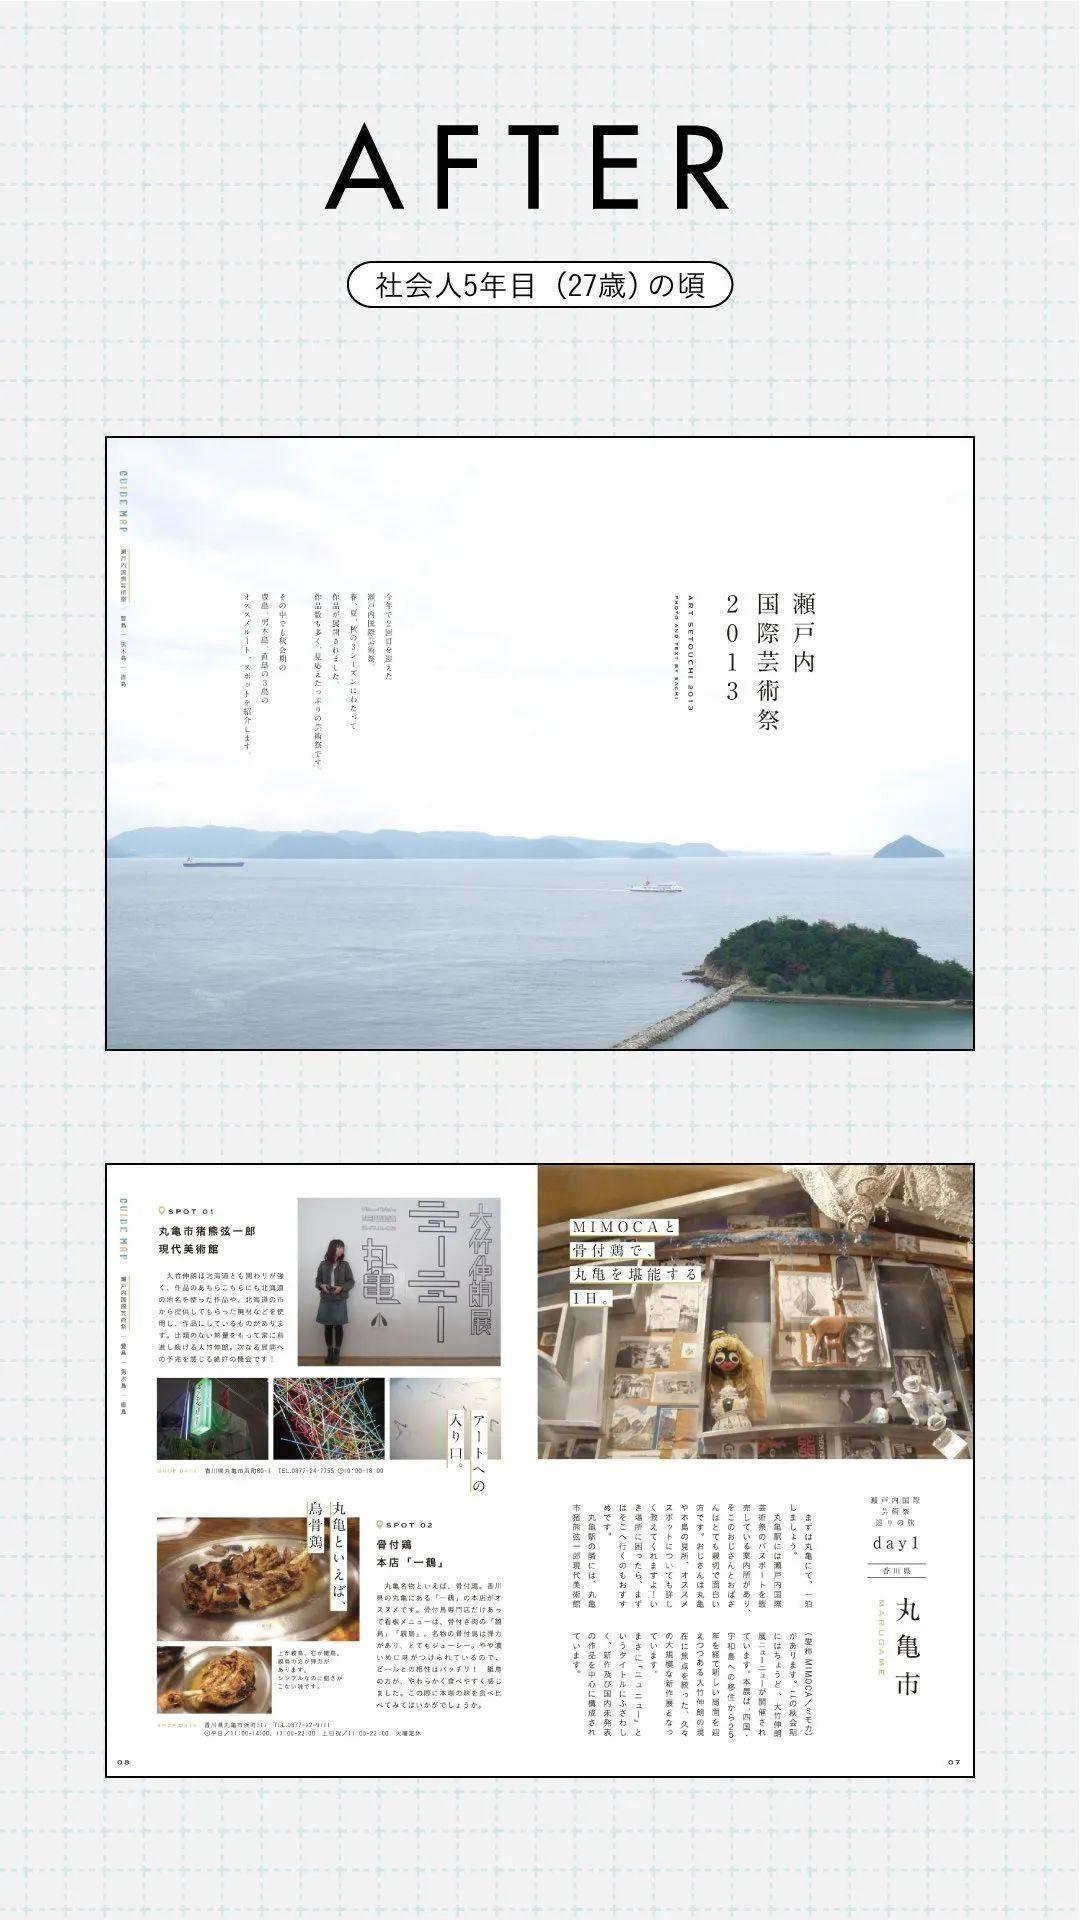 日本版式设计改稿经验分享